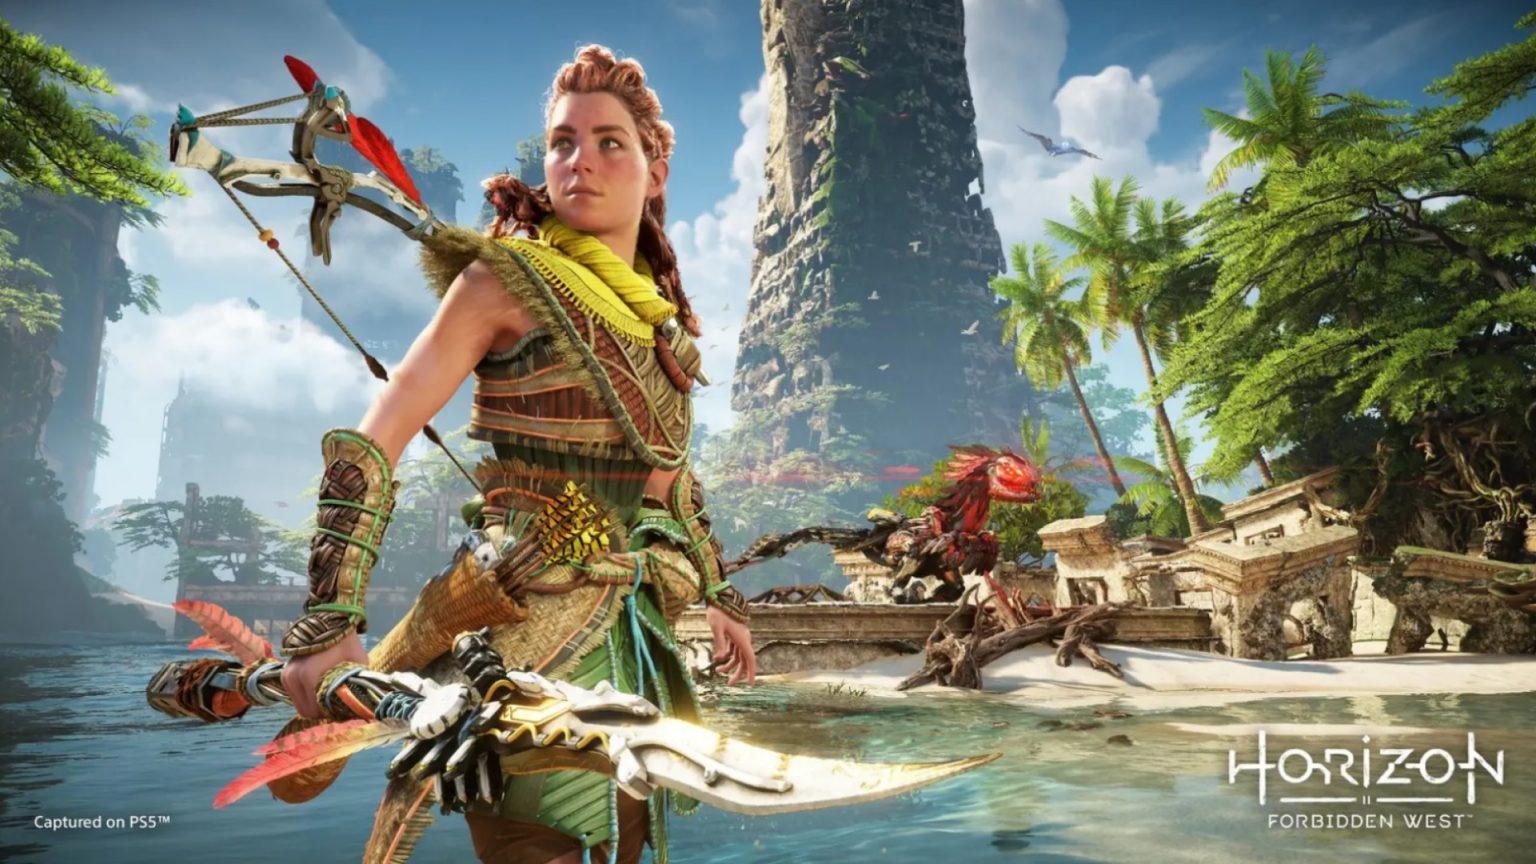 اطلاعات جدیدی از بازی Horizon Forbidden West منتشر شد